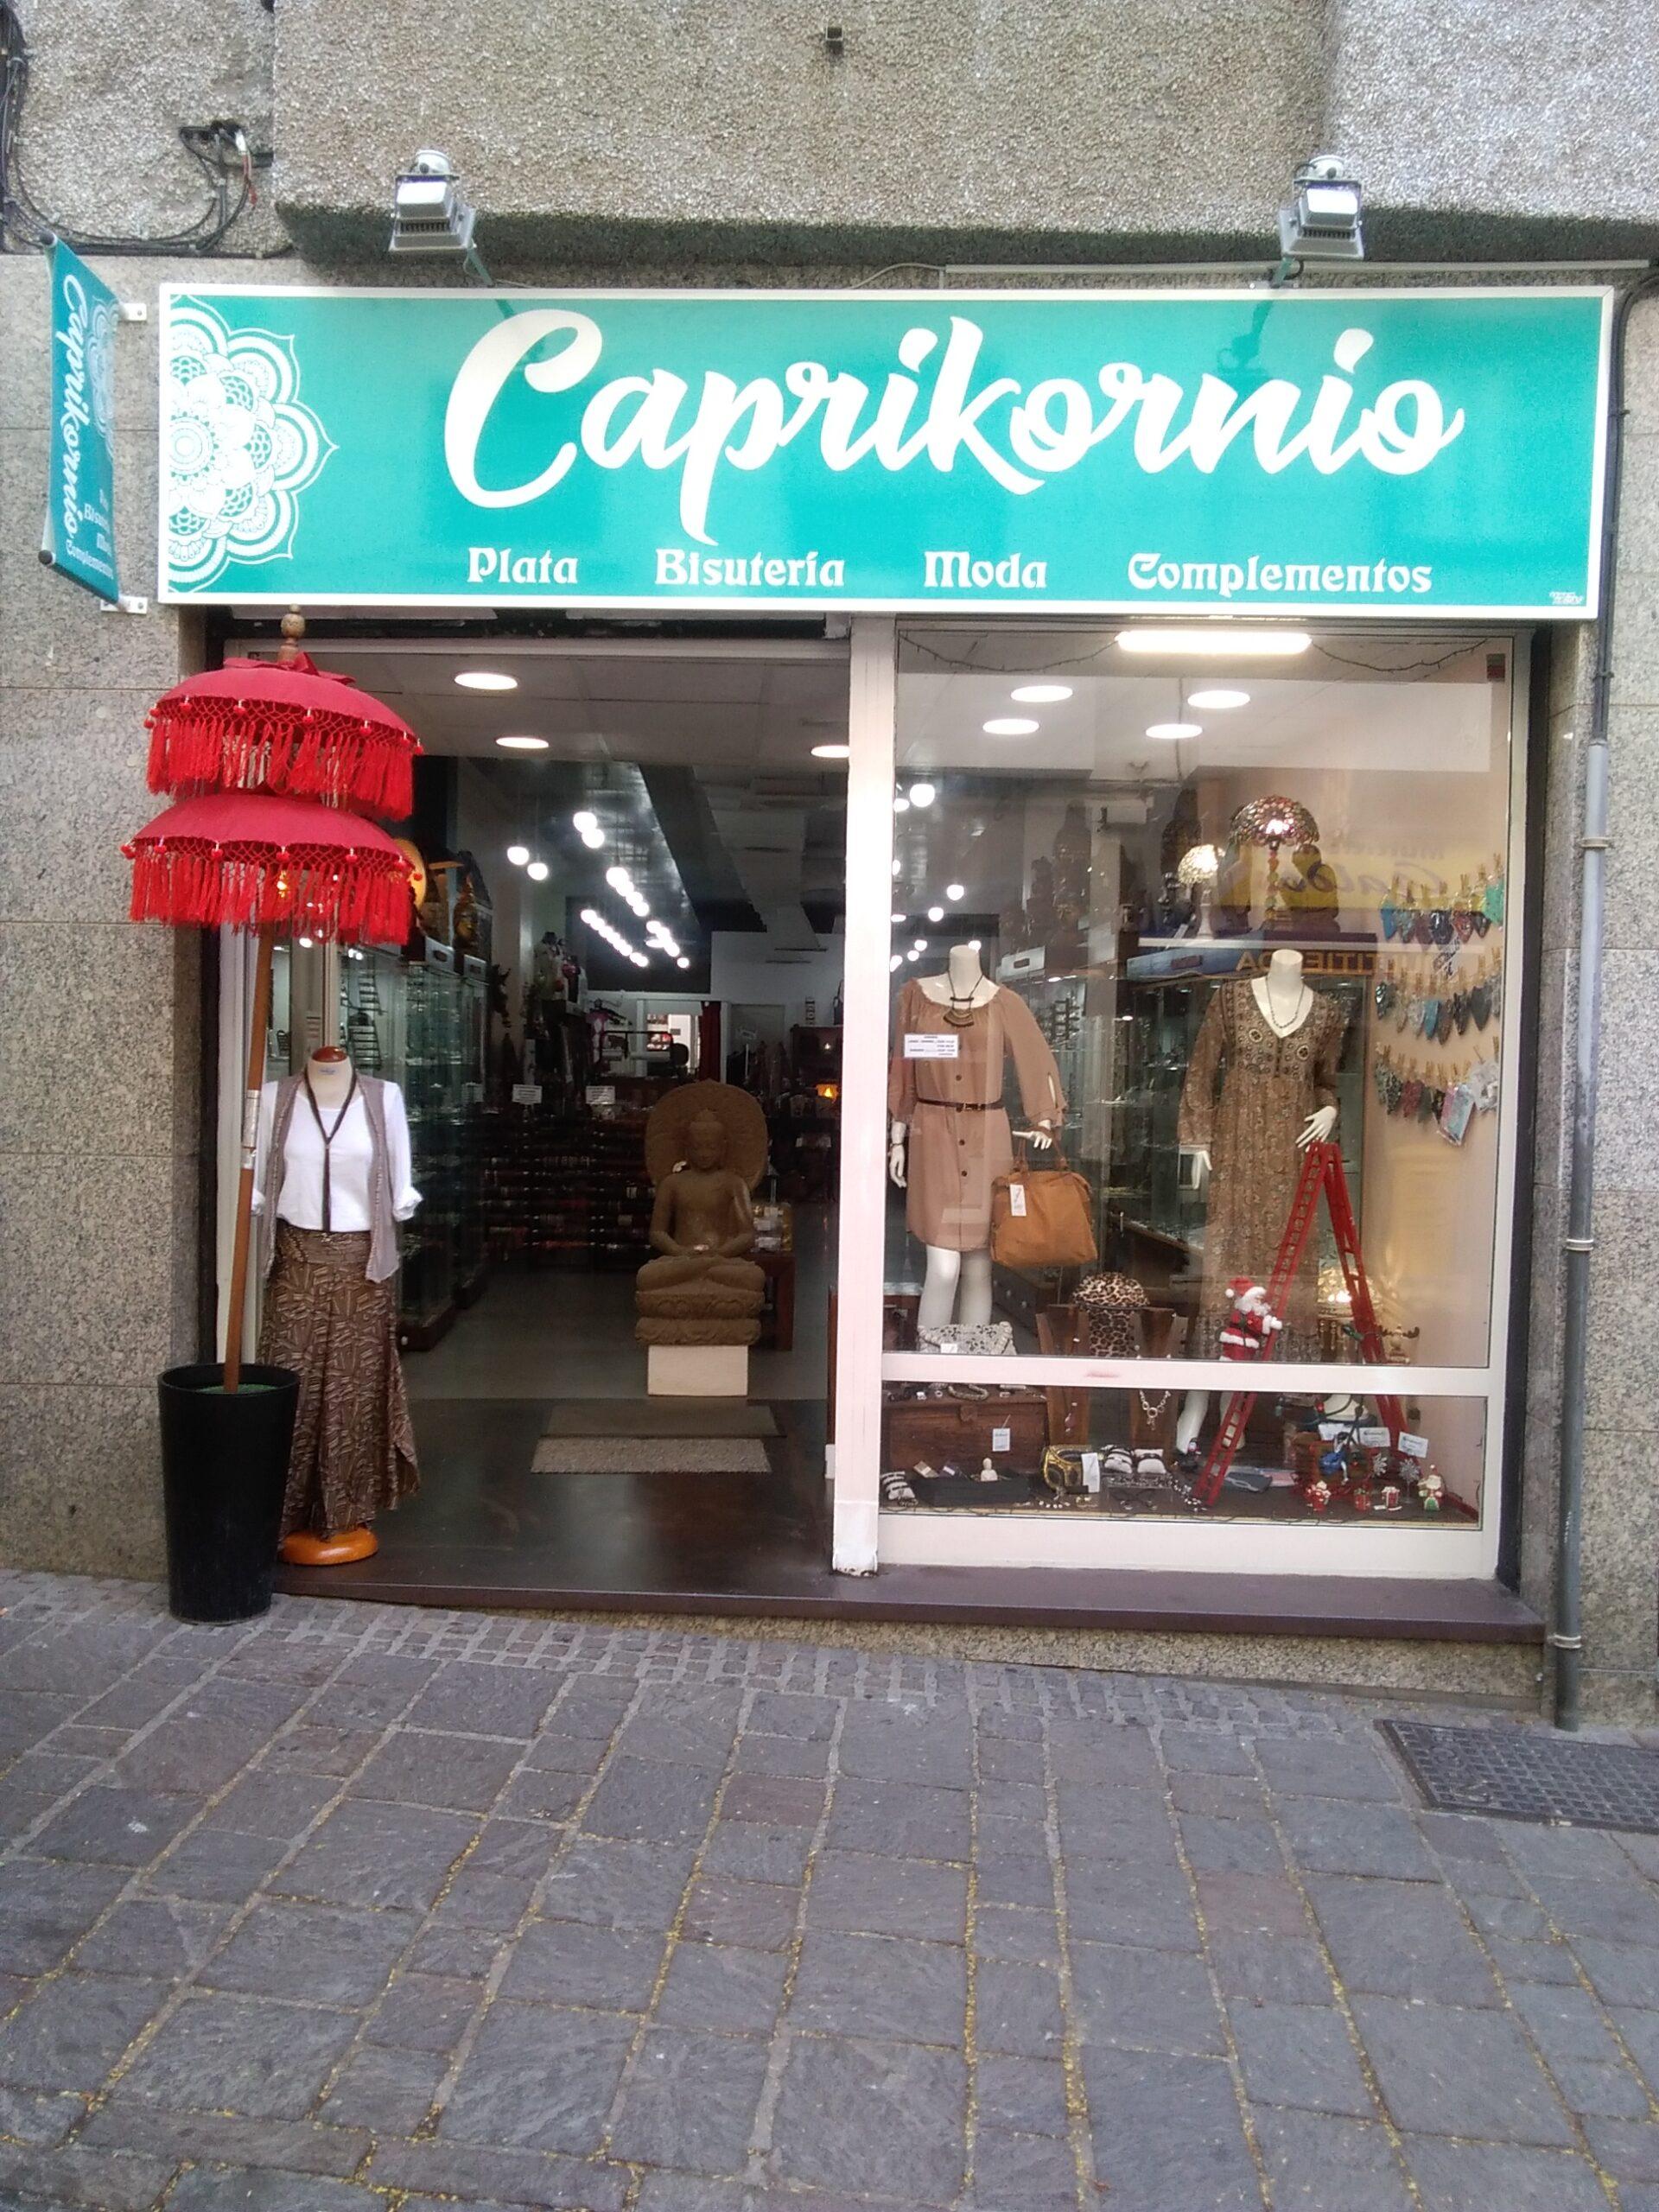 CAPRIKORNIO